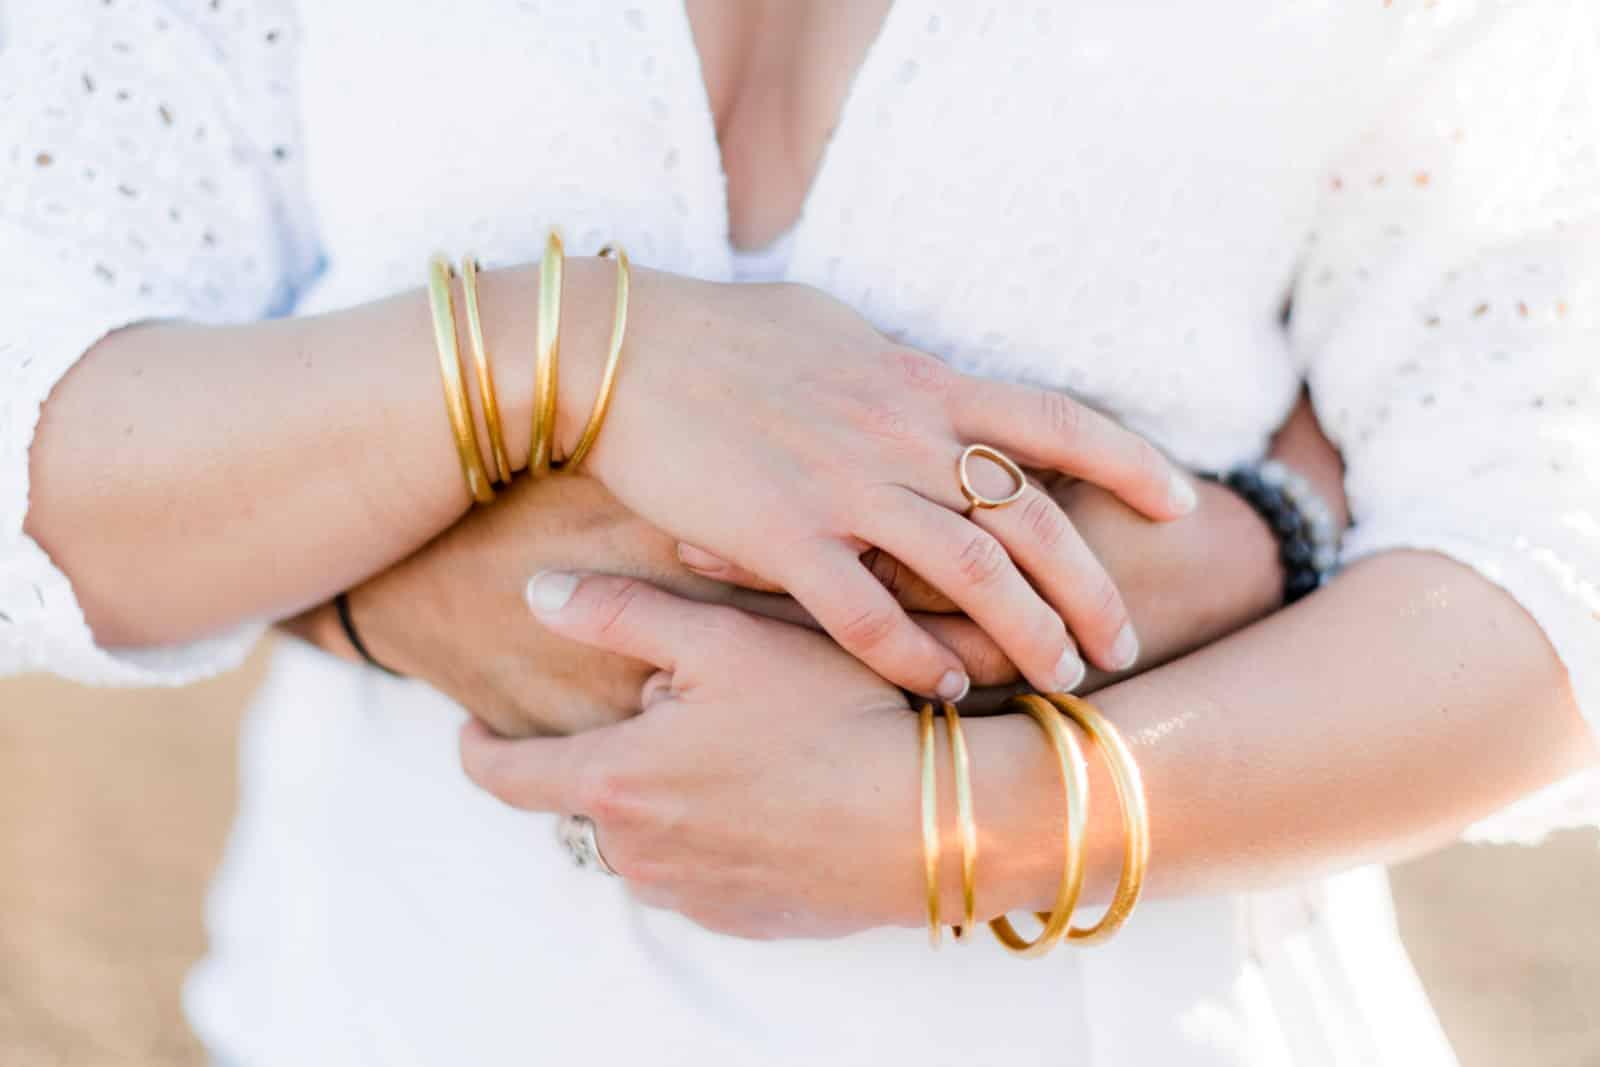 Photographie de Mathieu Dété, photographe de couple et famille à Saint-Leu sur l'île de la Réunion 974, présentant un le détail des mains et des bijoux d'un couple enlacé